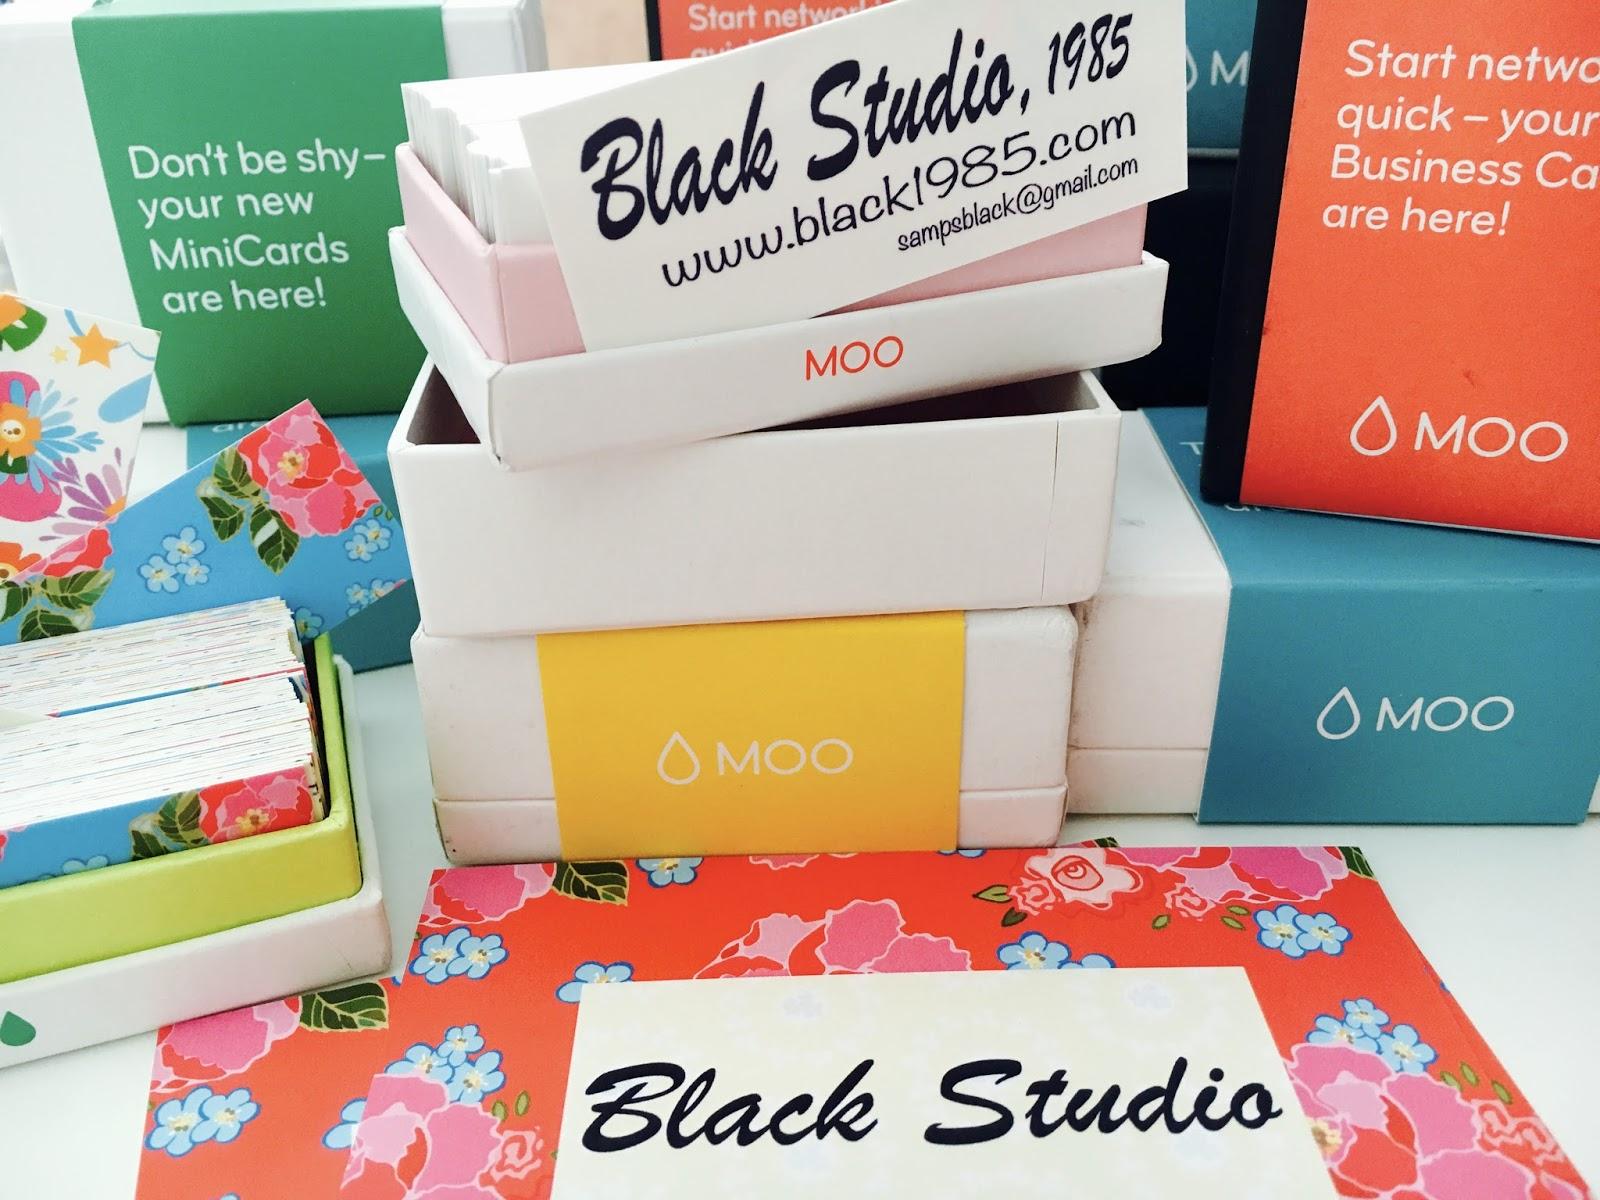 moo la la black studio 1985